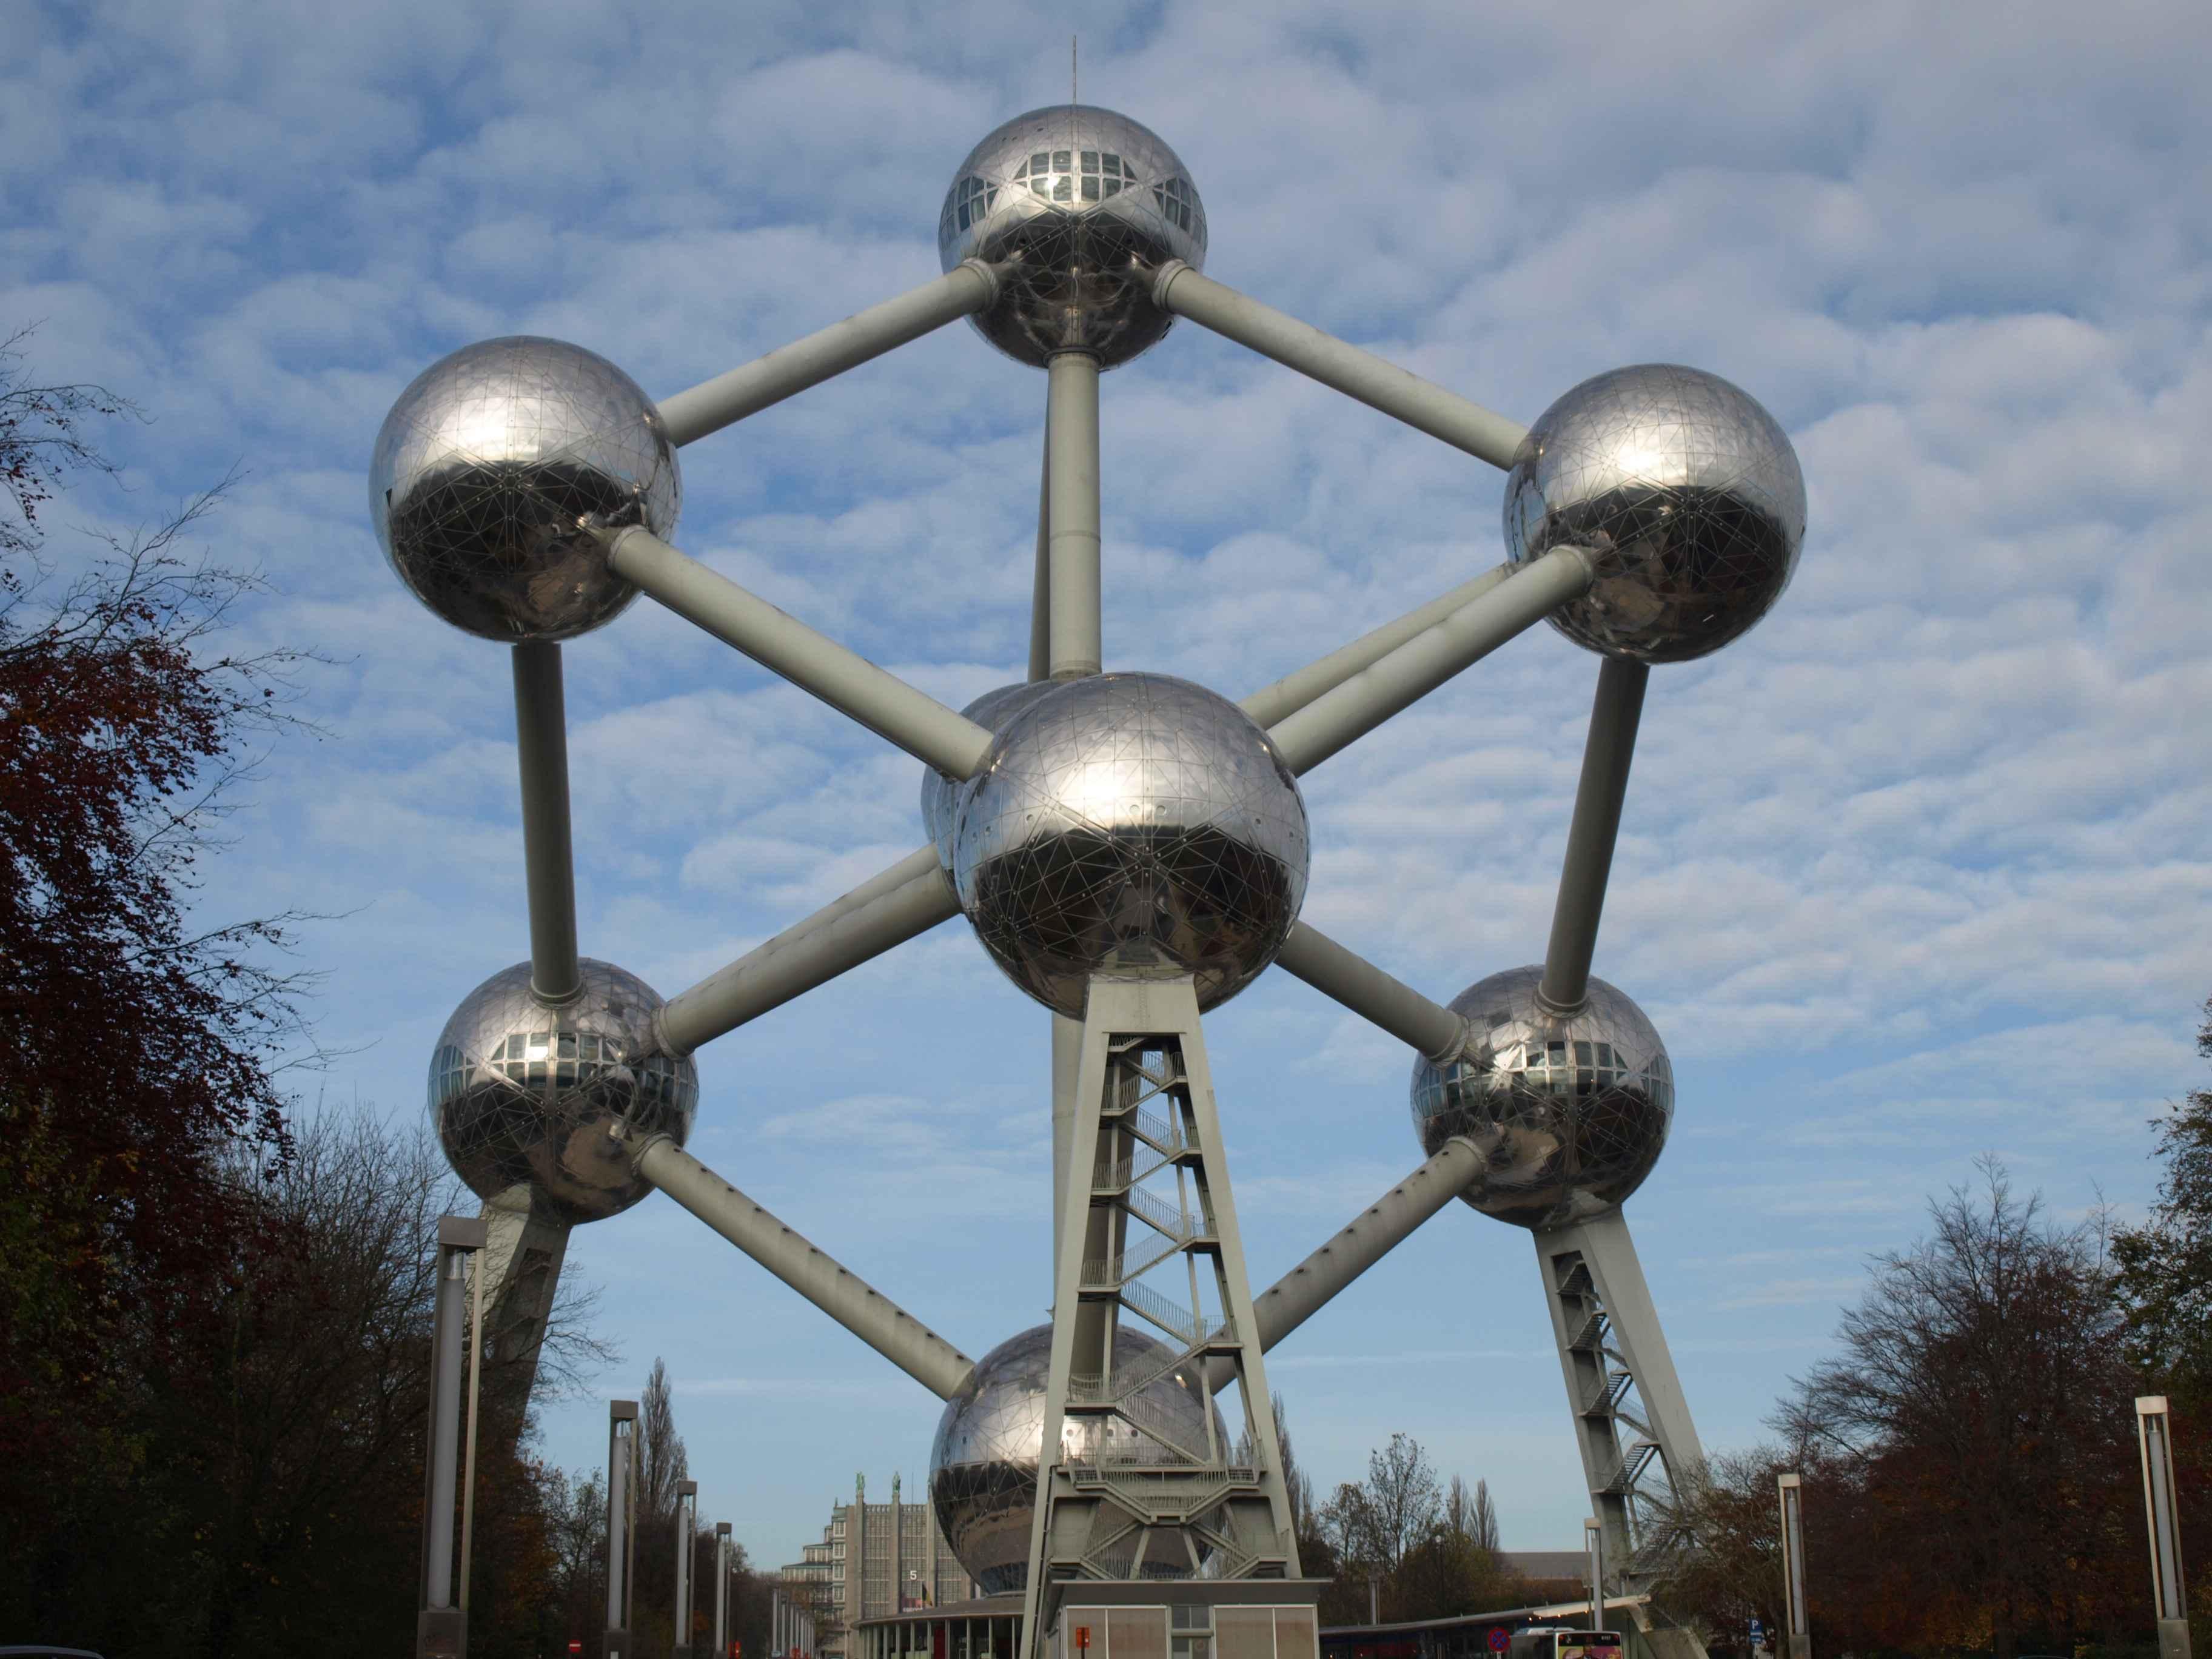 Atomium_de_Bruxelles.jpg